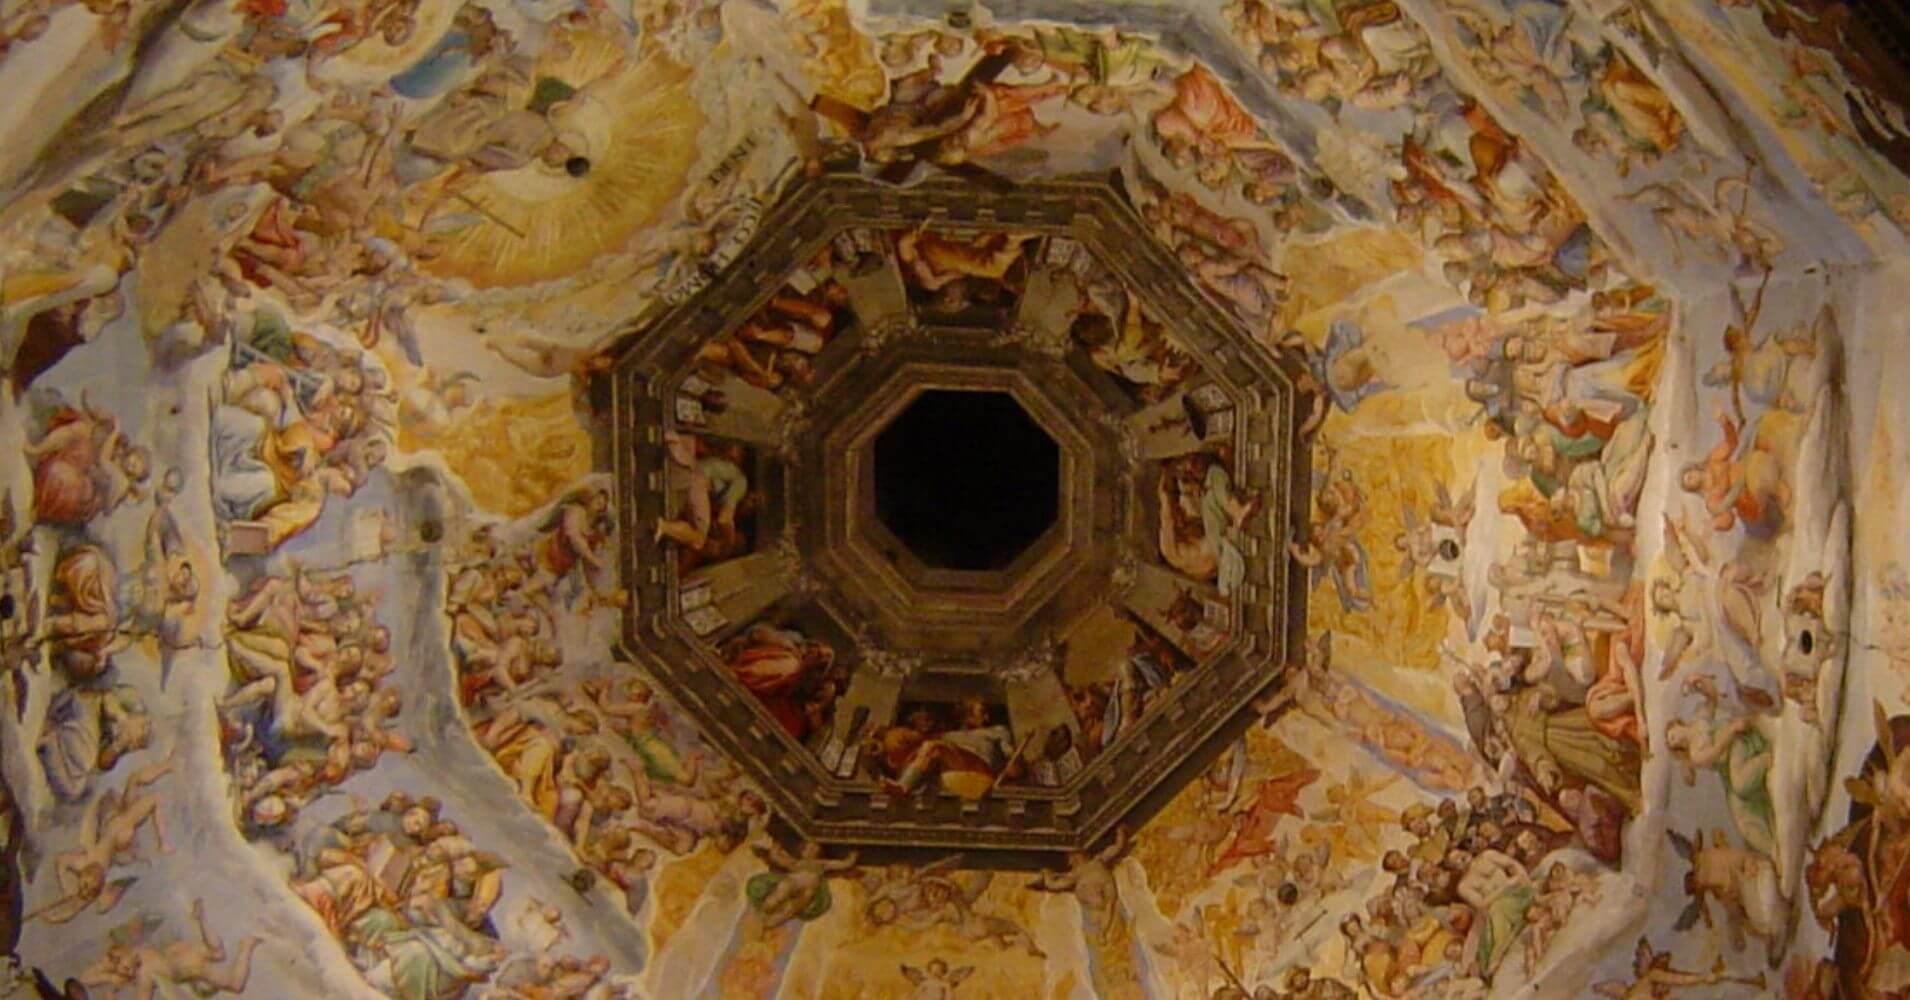 Cúpula de Brunelleschi. Duomo de Florencia. Toscana, Italia.